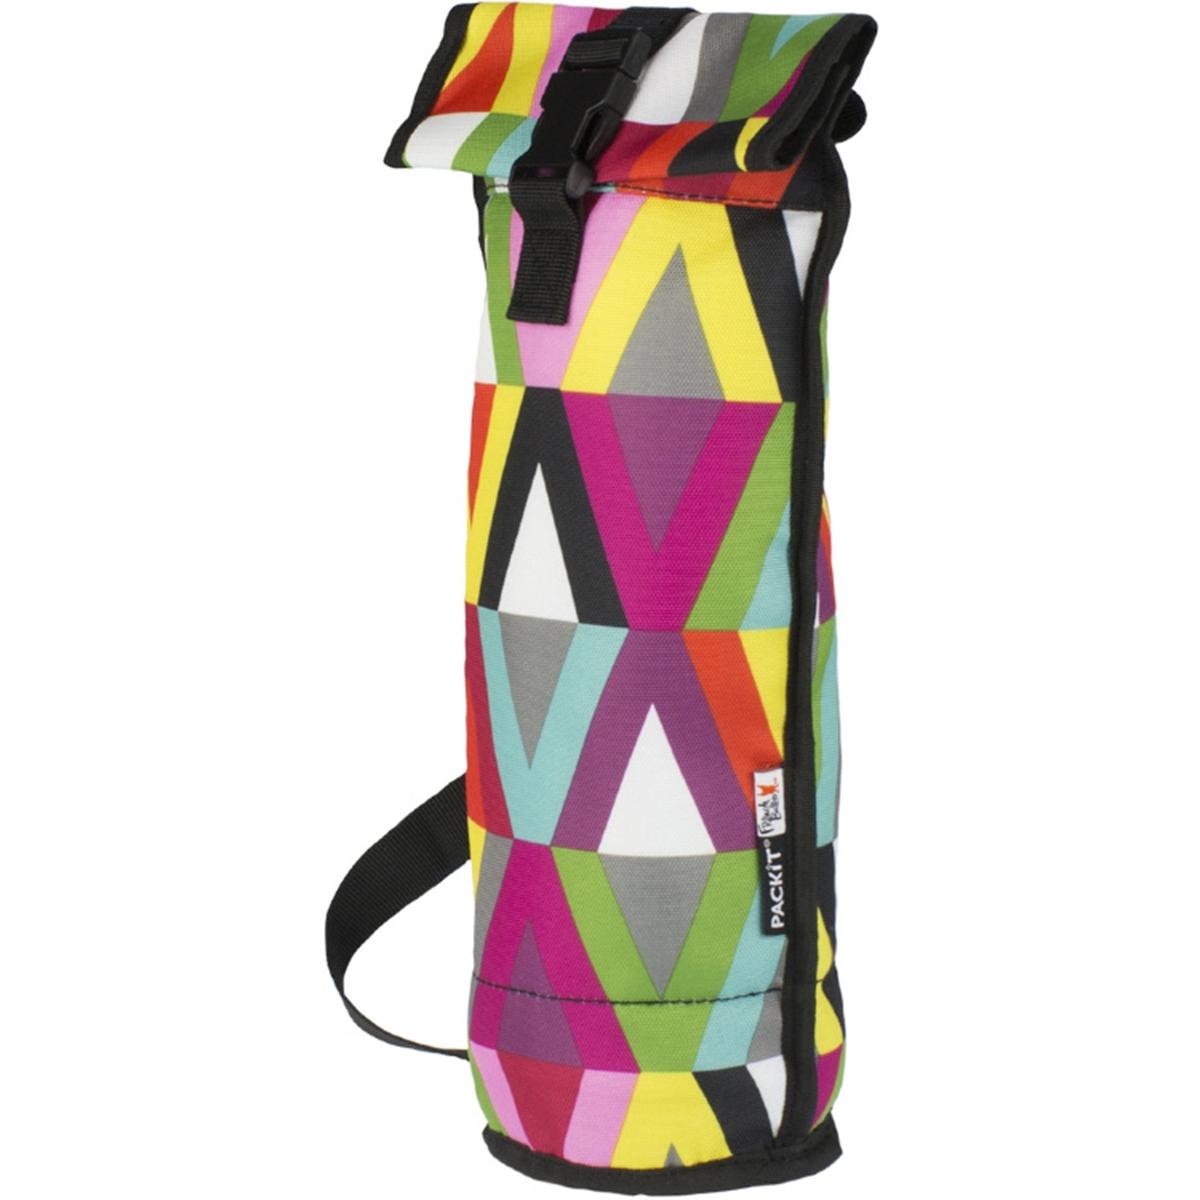 Сумка-холодильник Packit для вина Wine Bag, цвет: разноцветныйPackit0021Охлаждение содержимых в сумке продуктов в течение 10-ти часов. Наличие плечевого ремня, обеспечивающего максимальное удобство транспортировки сумки.